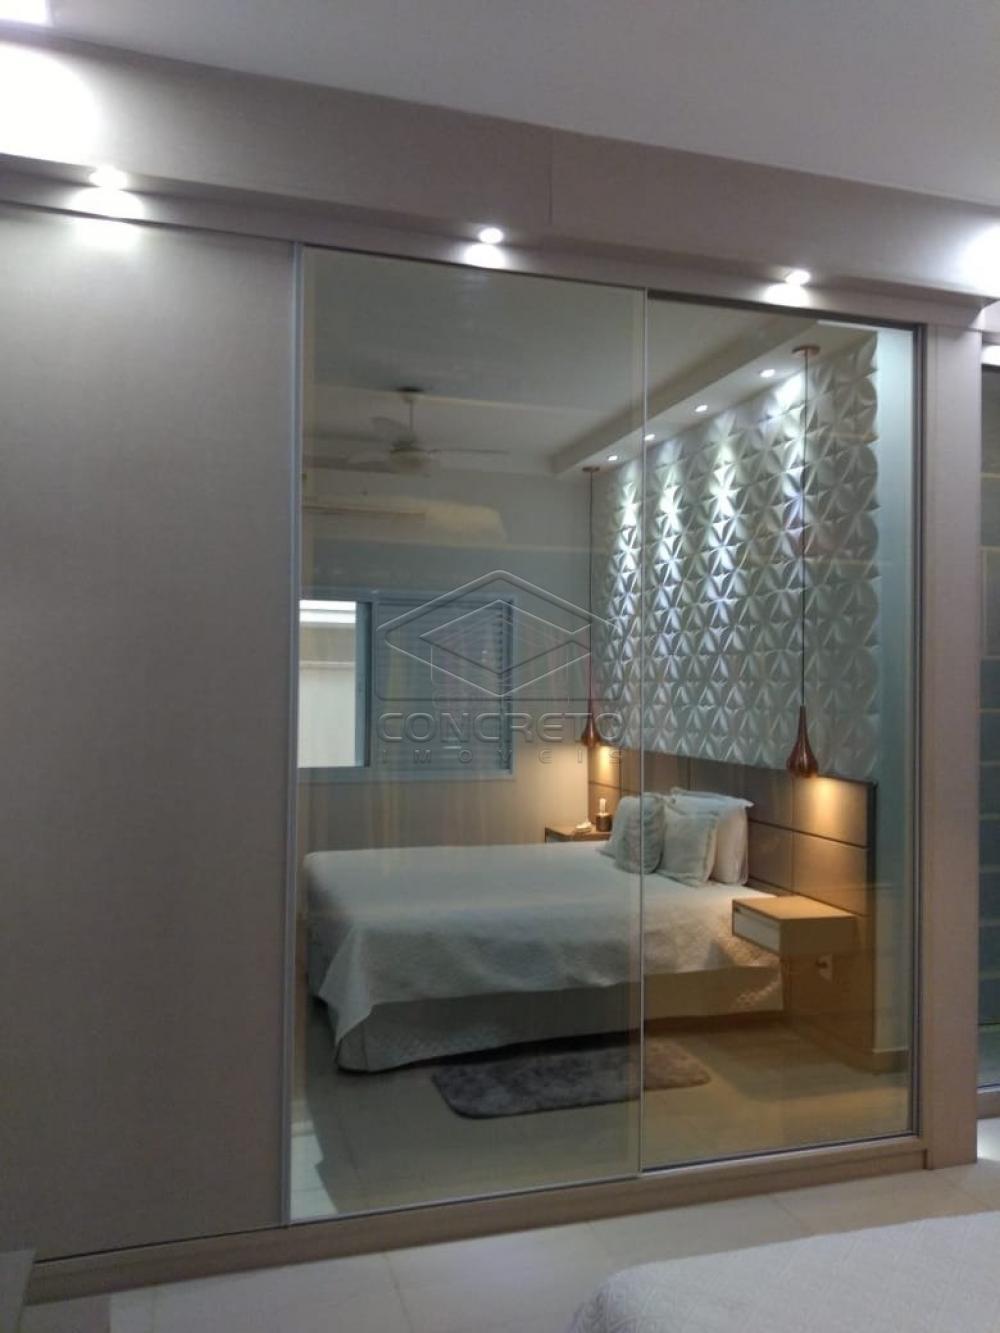 Comprar Casa / Padrão em Bauru apenas R$ 850.000,00 - Foto 35